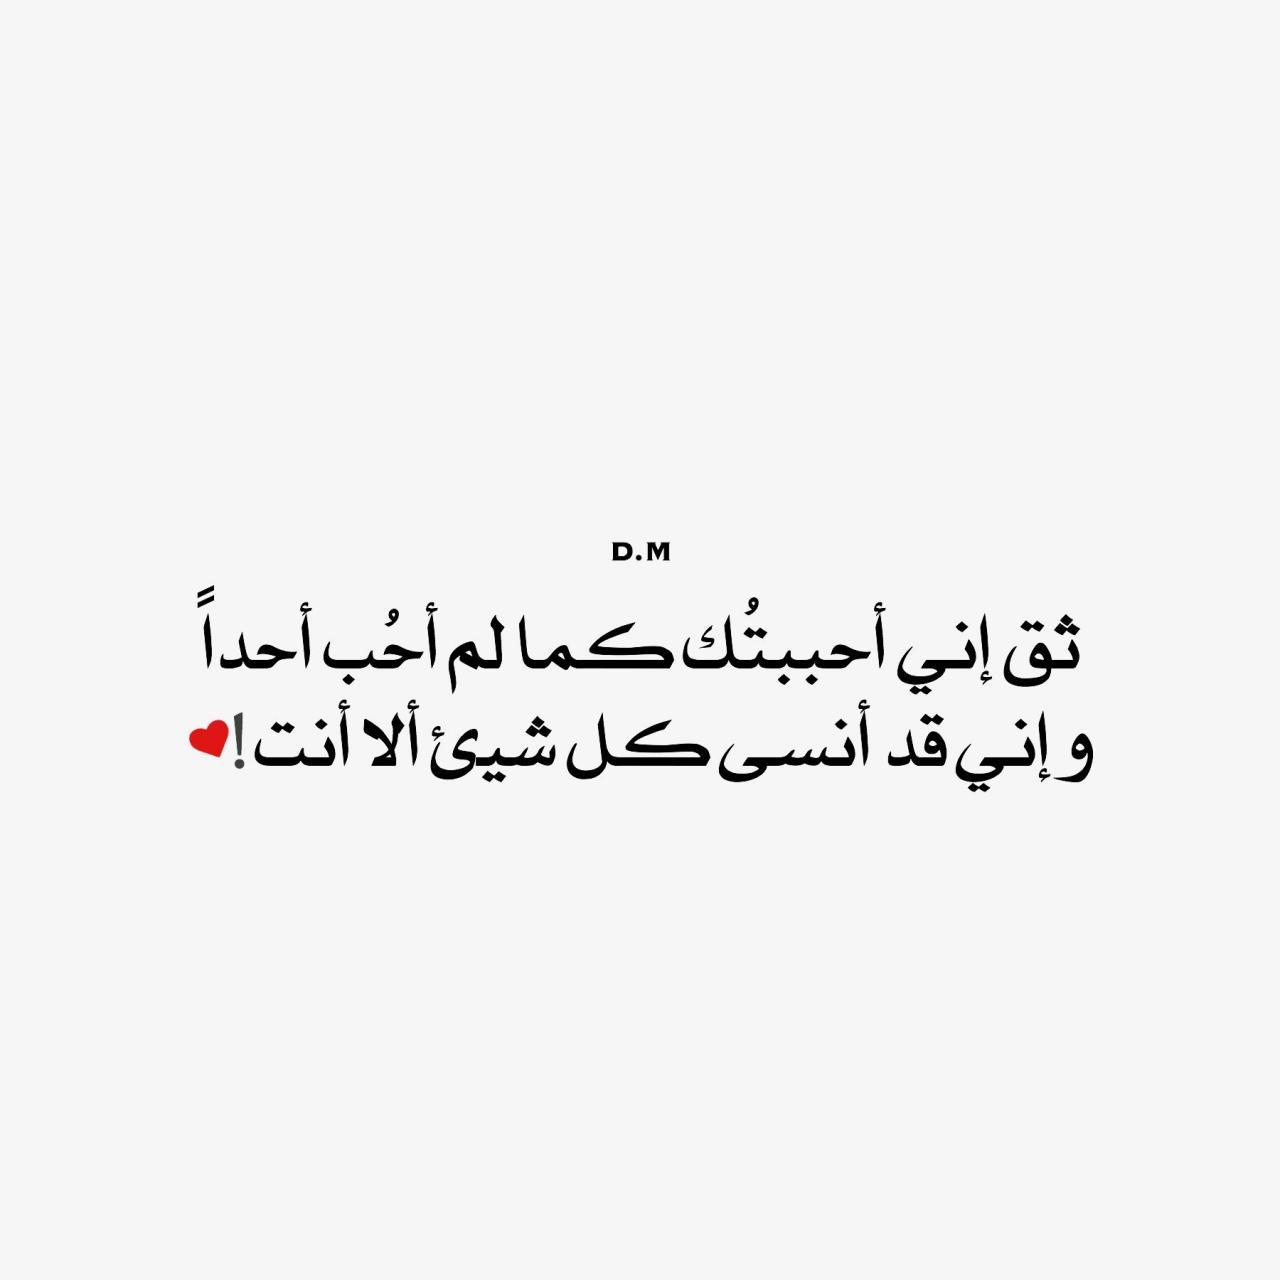 صورة بحبك بالمصرى , برسائل حب مصرية 5390 7